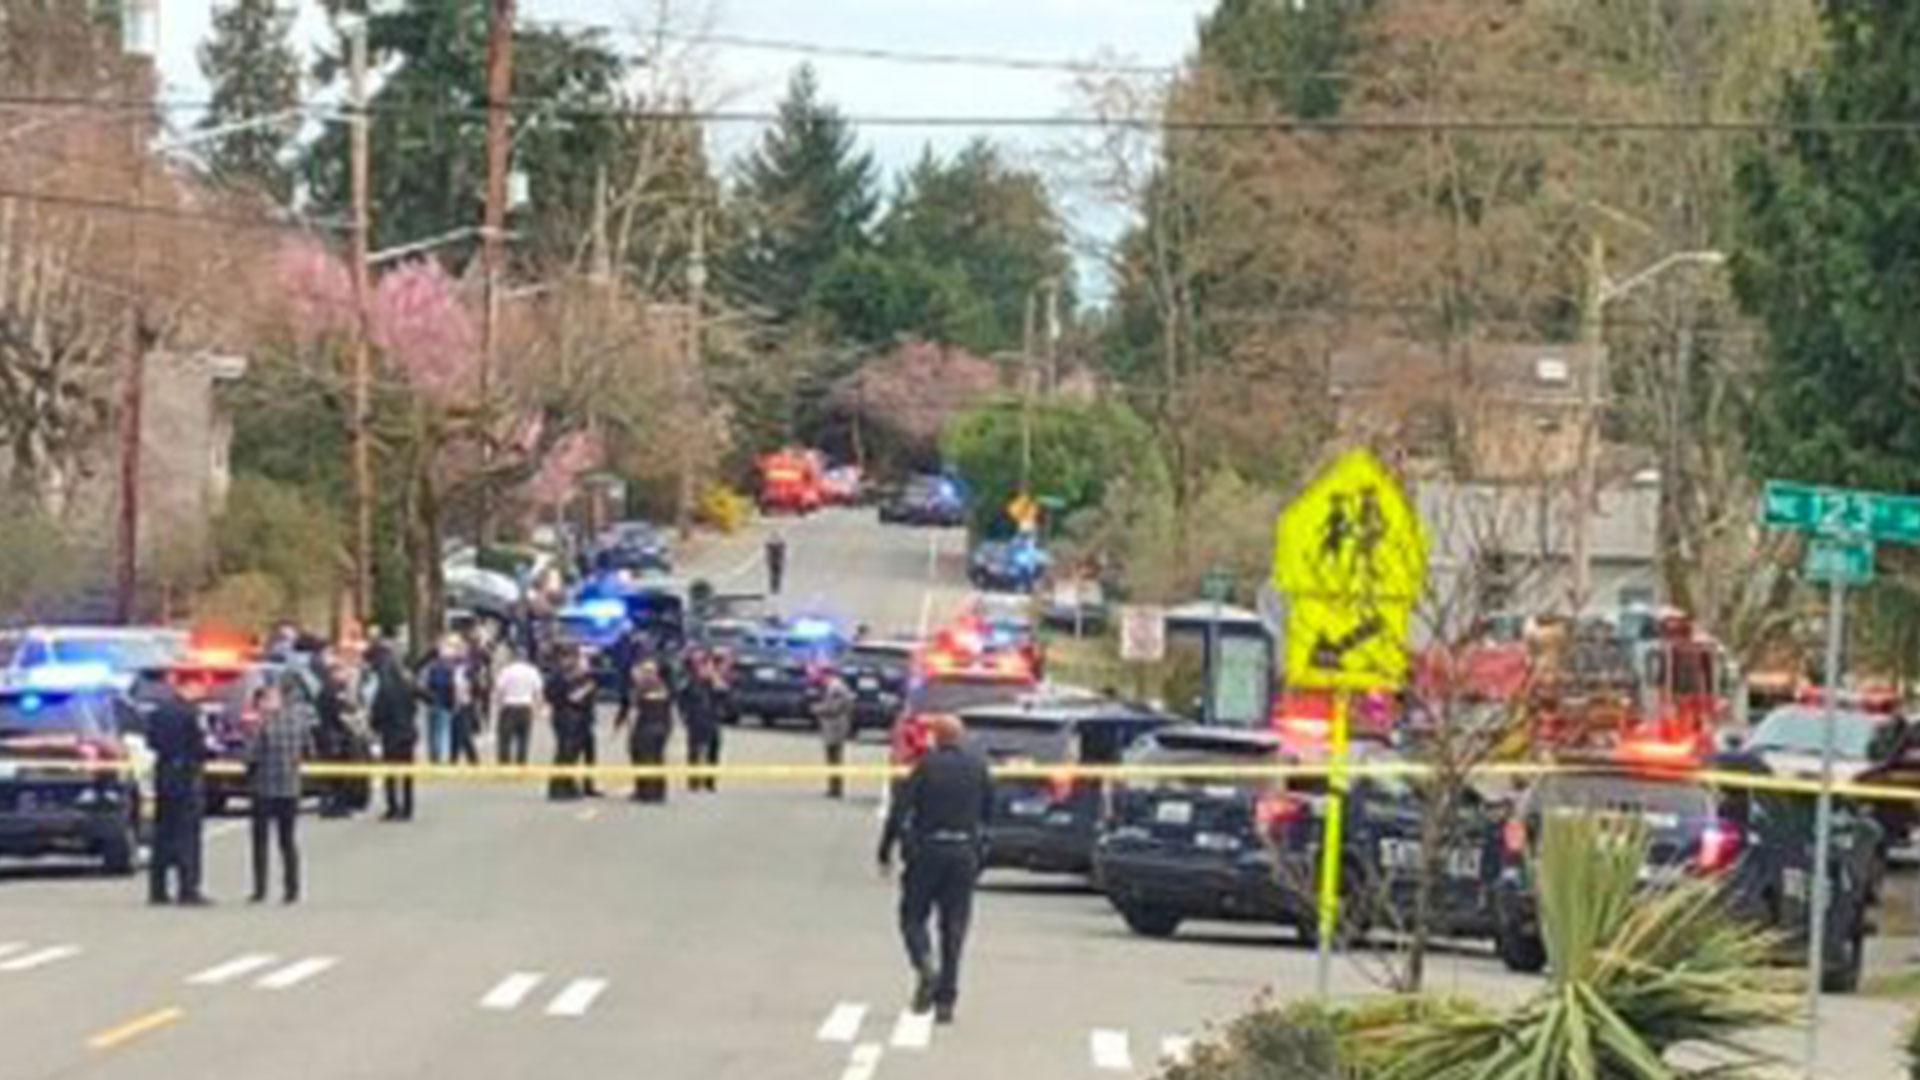 Los autores del ataque eran alumnos de la escuela STEM de la ciudad de Highlands Ranch